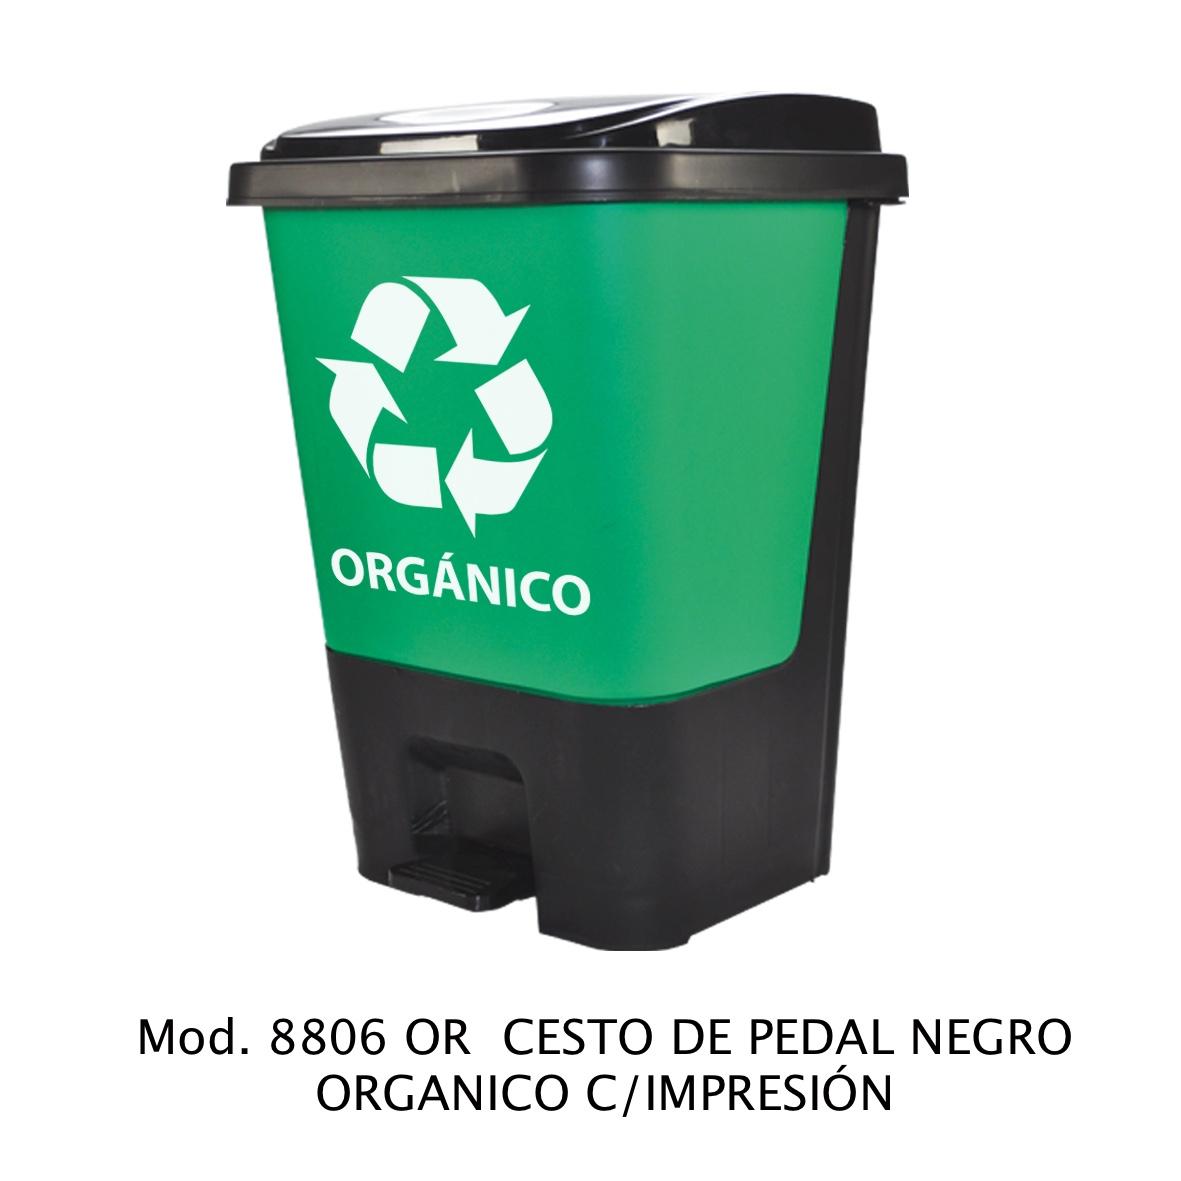 Bote de basura de pedal color negro para orgánico modelo 8806 OR con Impresión - Sablón